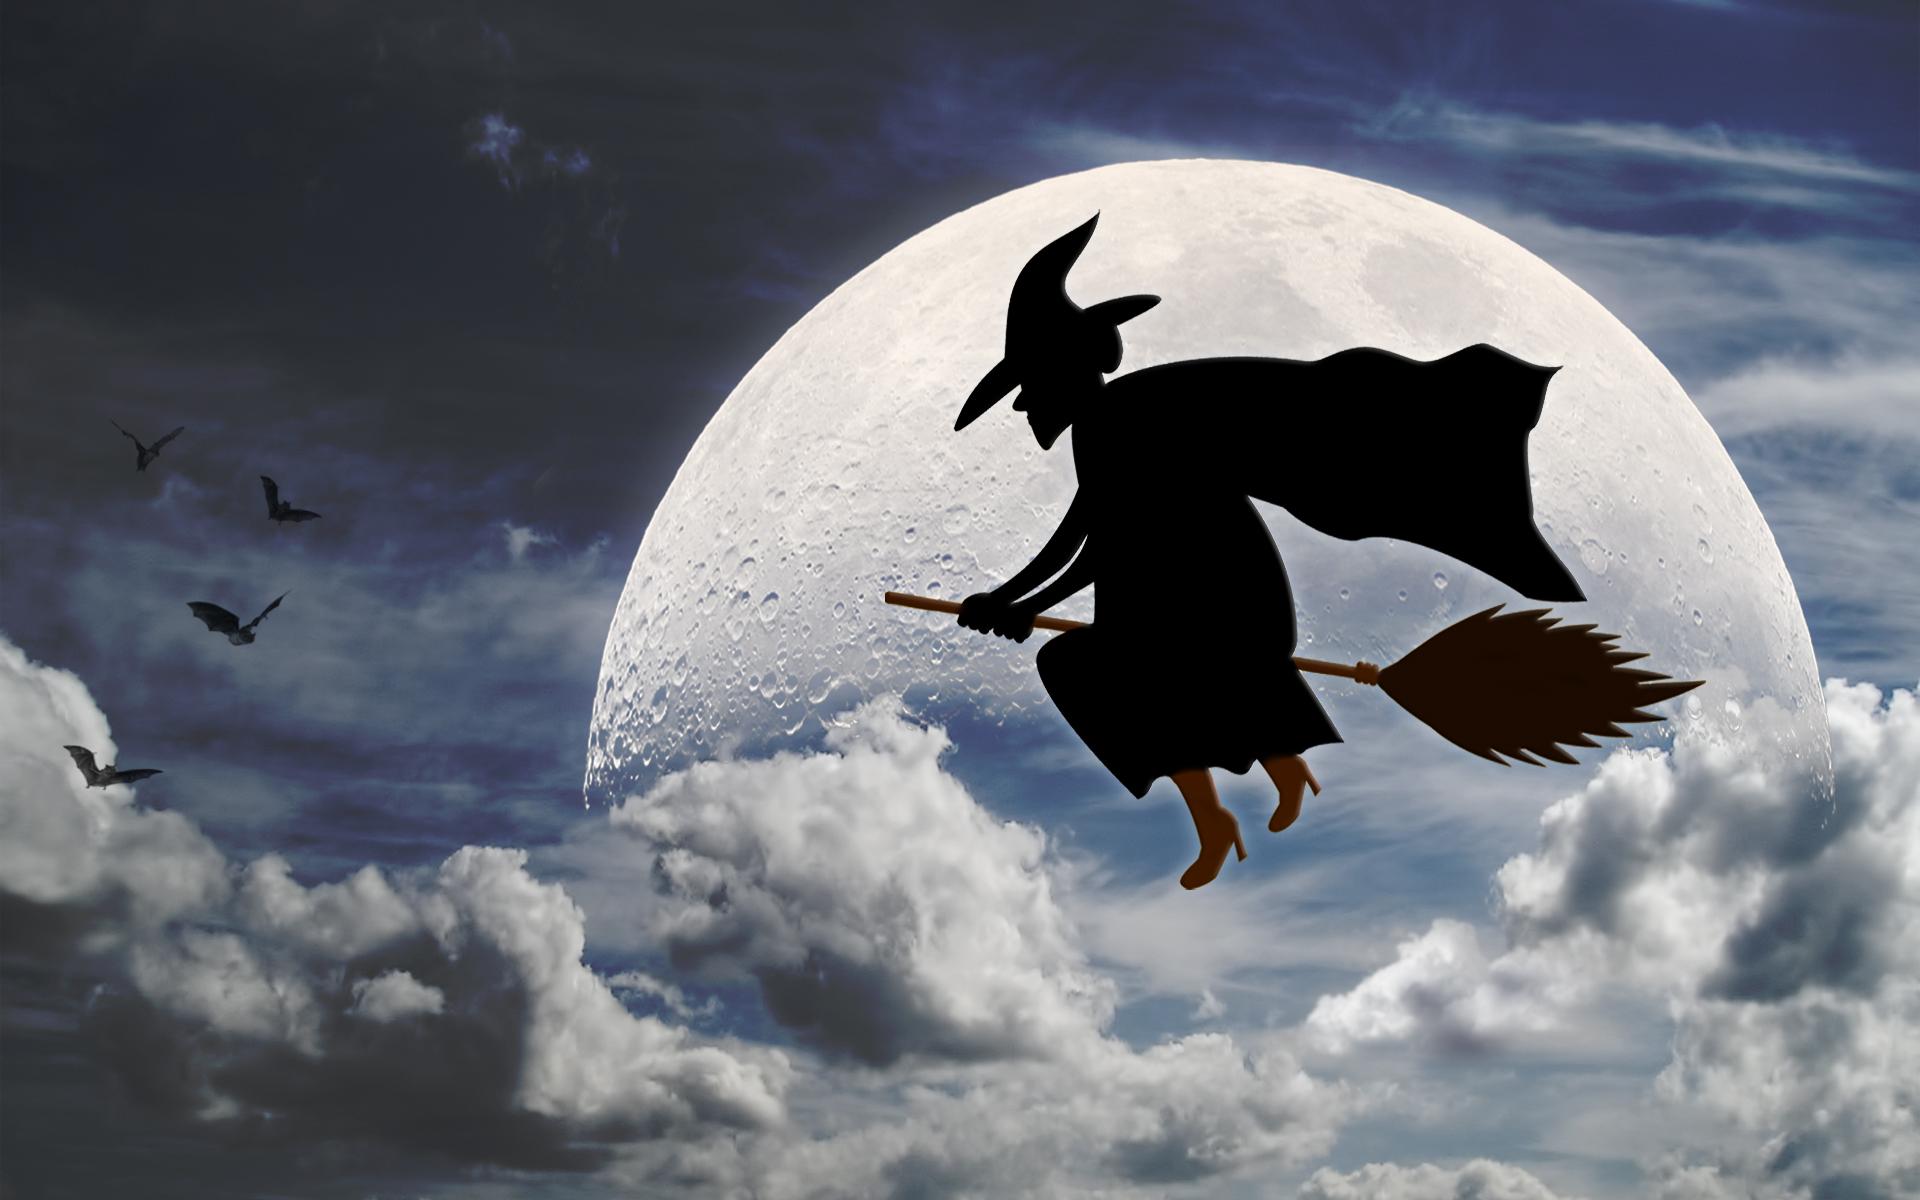 Halloween Witch Wallpapers Free ~ Sdeerwallpaper